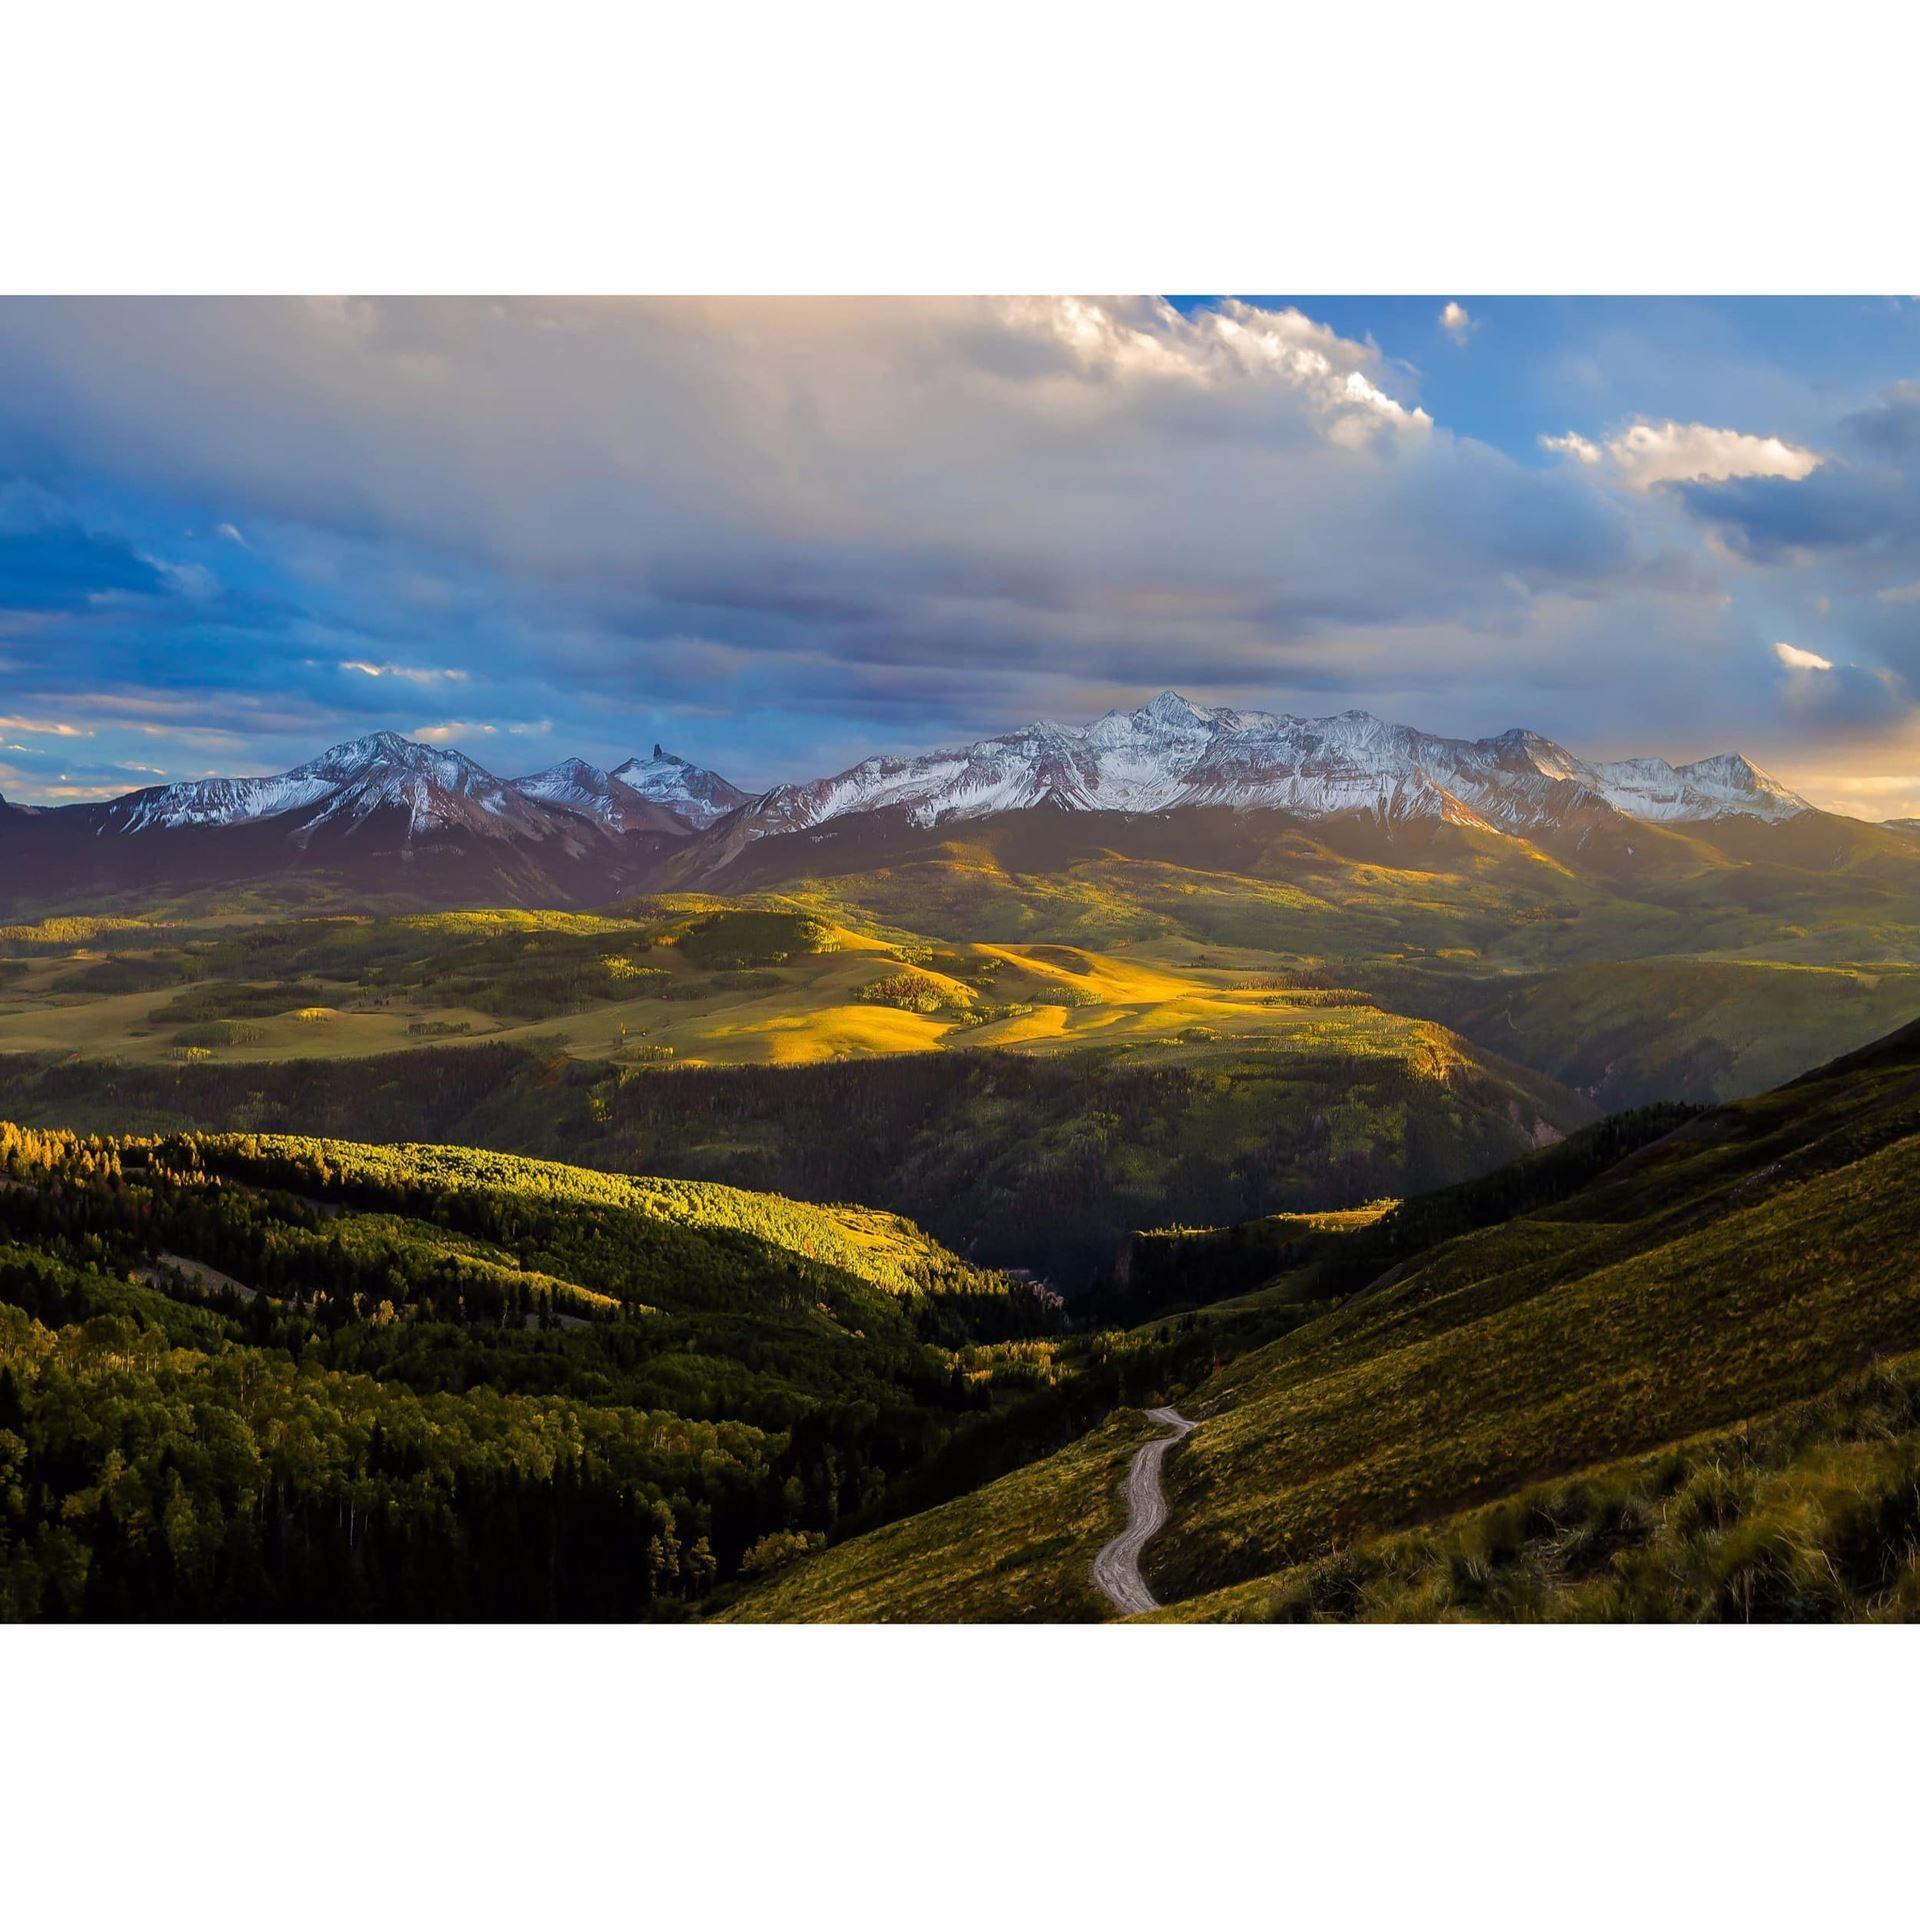 Wilson Peak Sunset 36x24